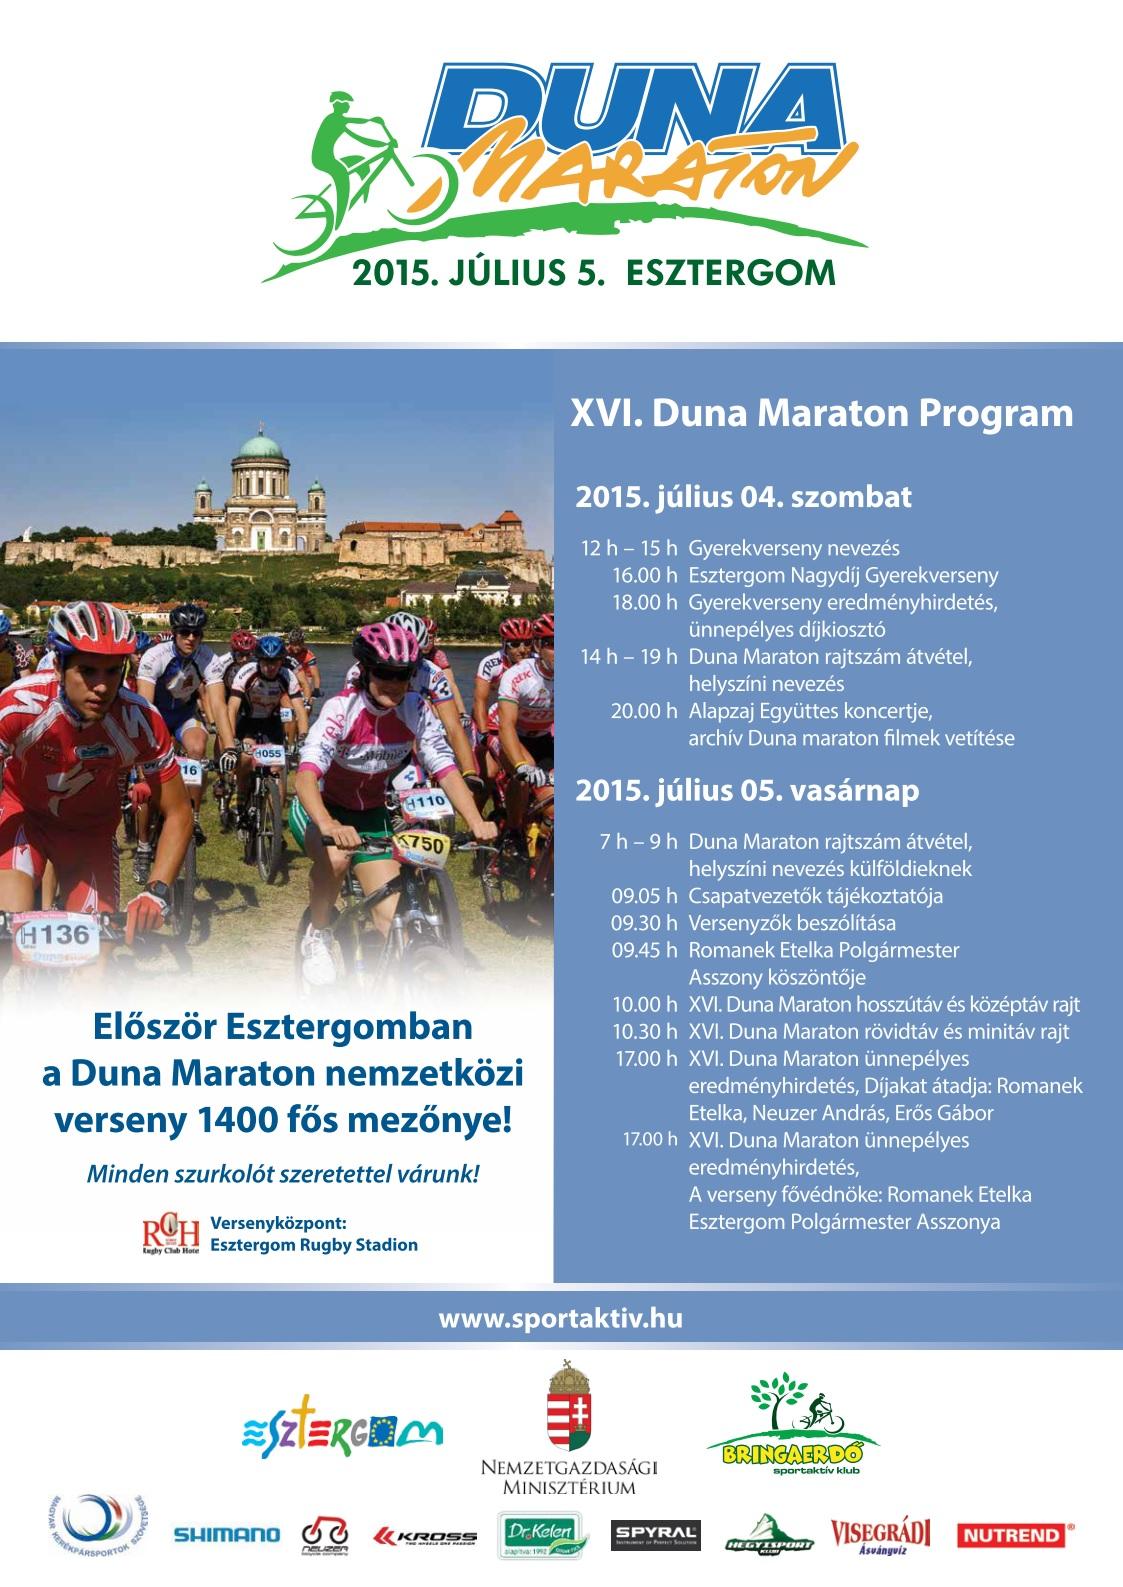 duna-maraton.jpg